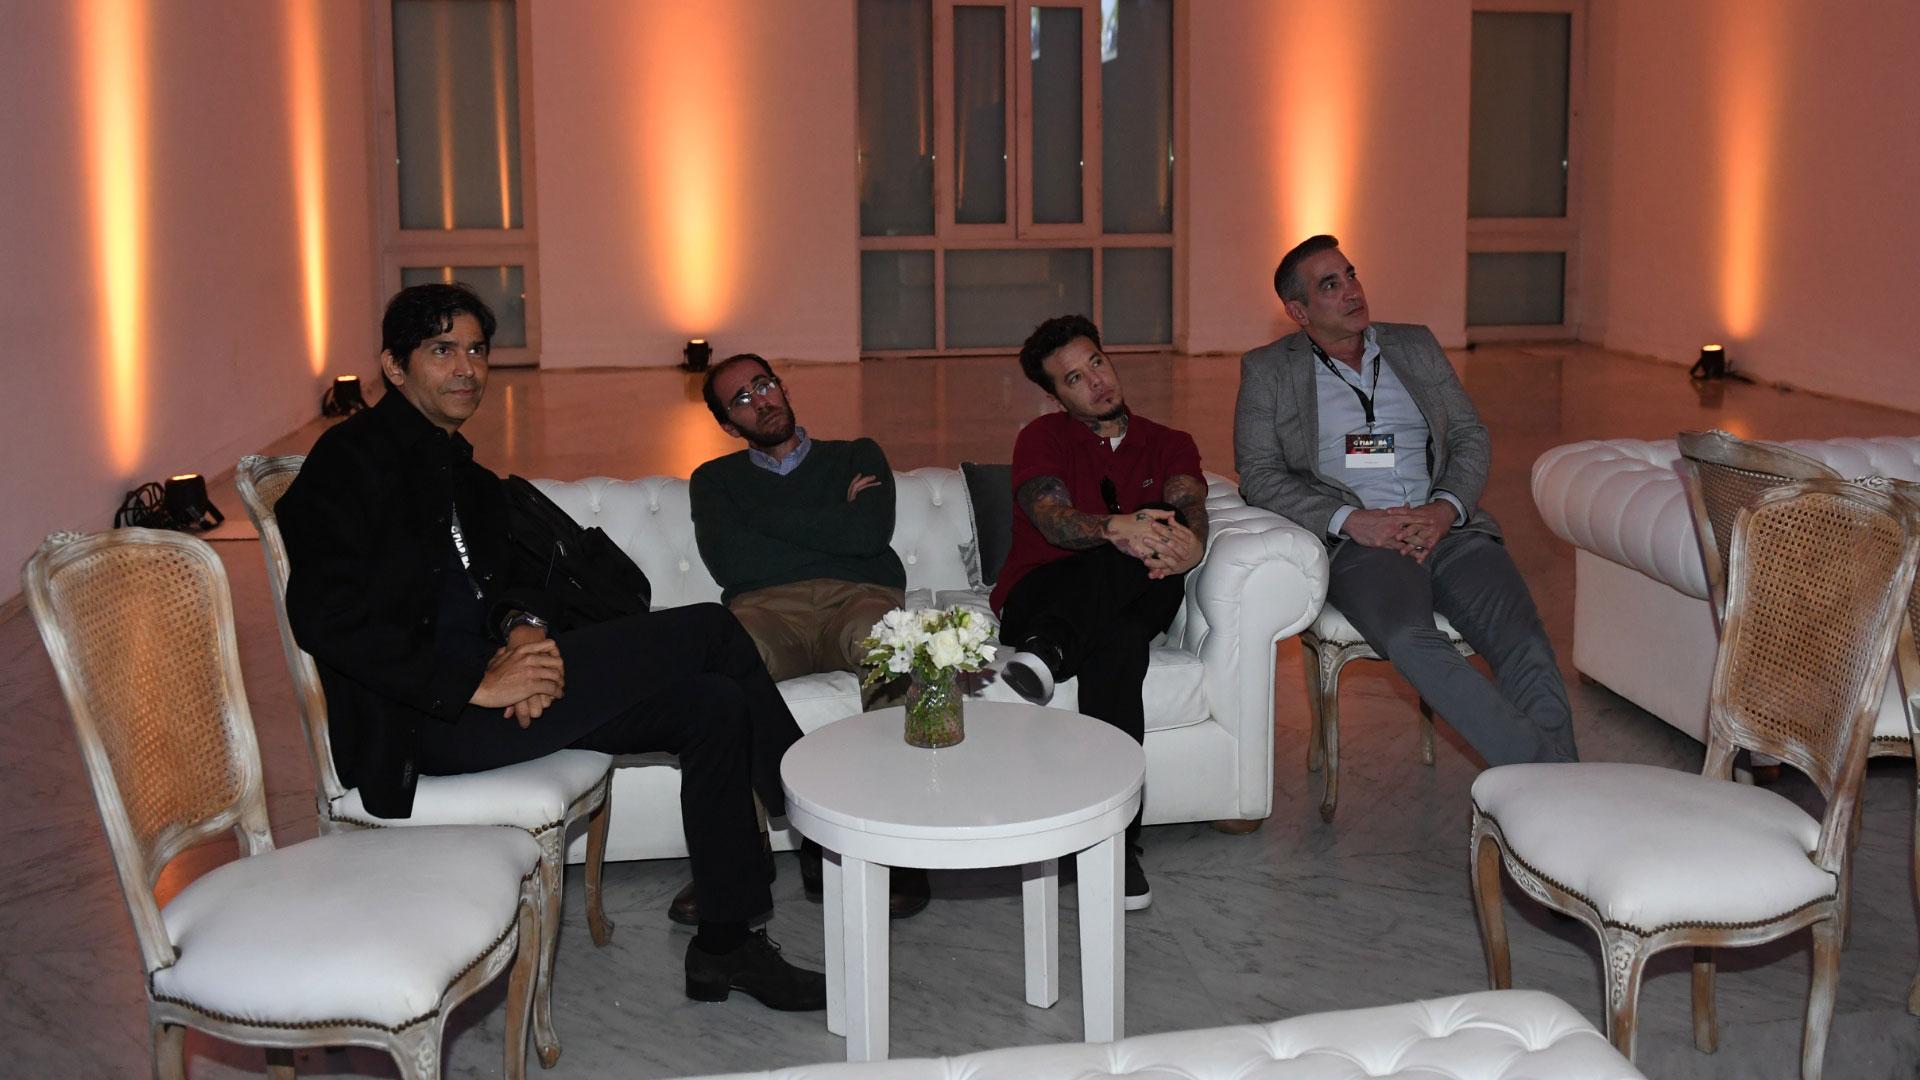 Momento de relax ante de que Santana suba al escenario para su masterclass. Sebastián Ortega lo escuchó con atención y admiración